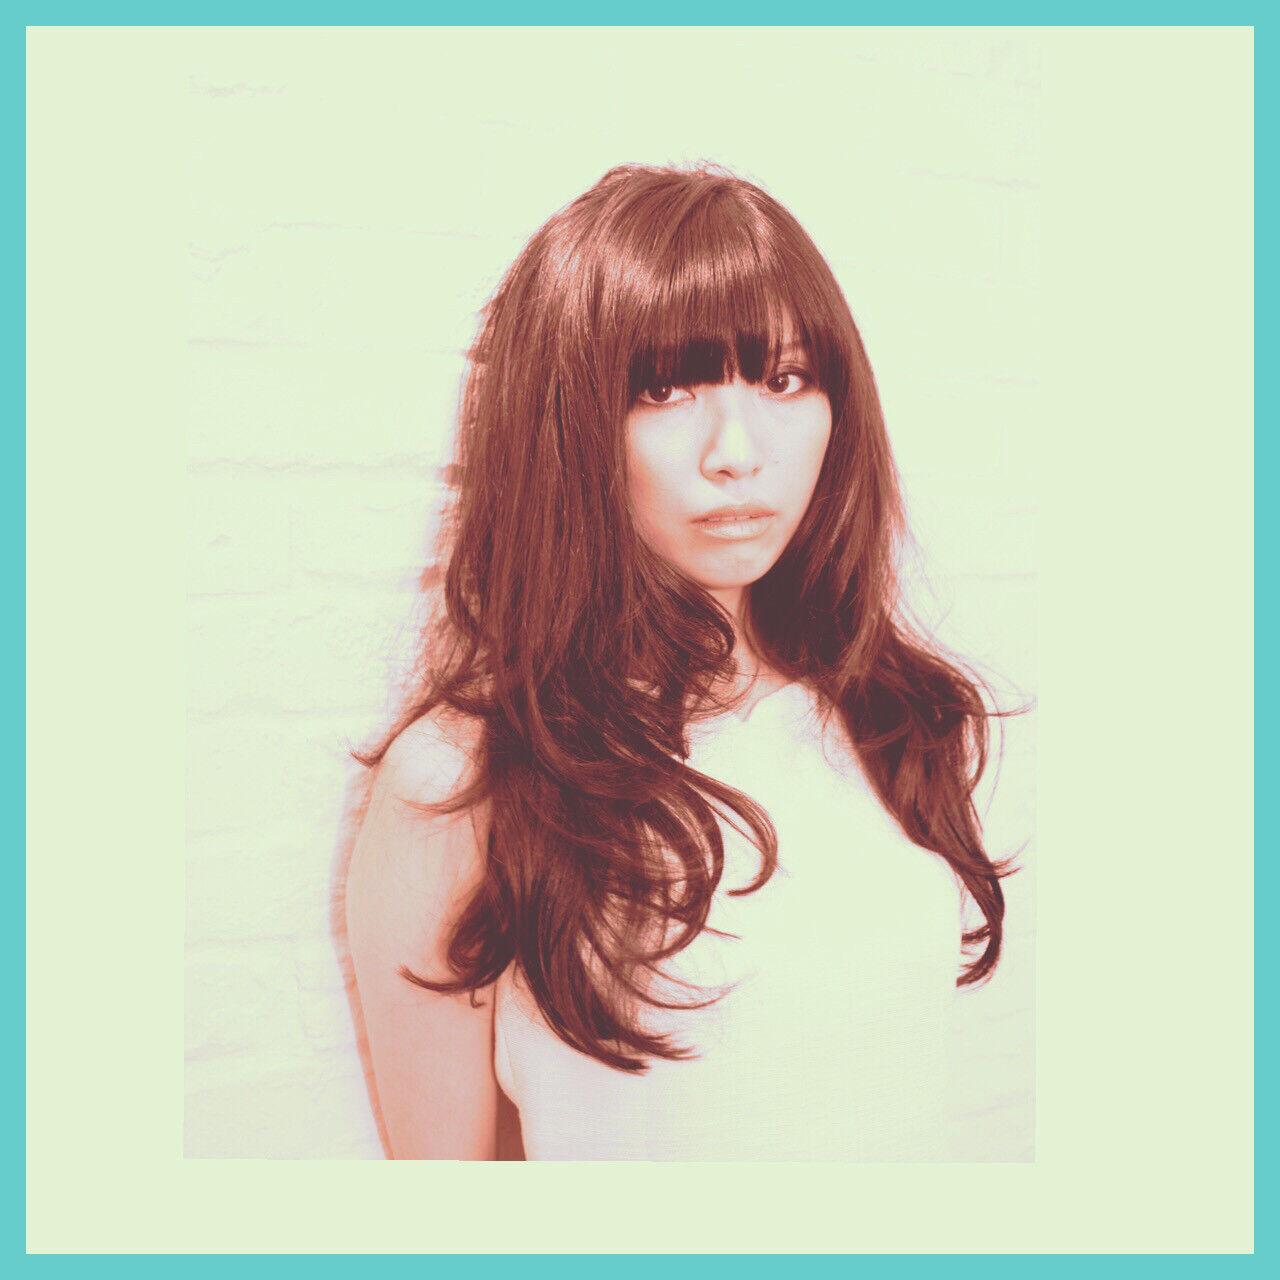 コンサバ 前髪あり パーマ 黒髪ヘアスタイルや髪型の写真・画像